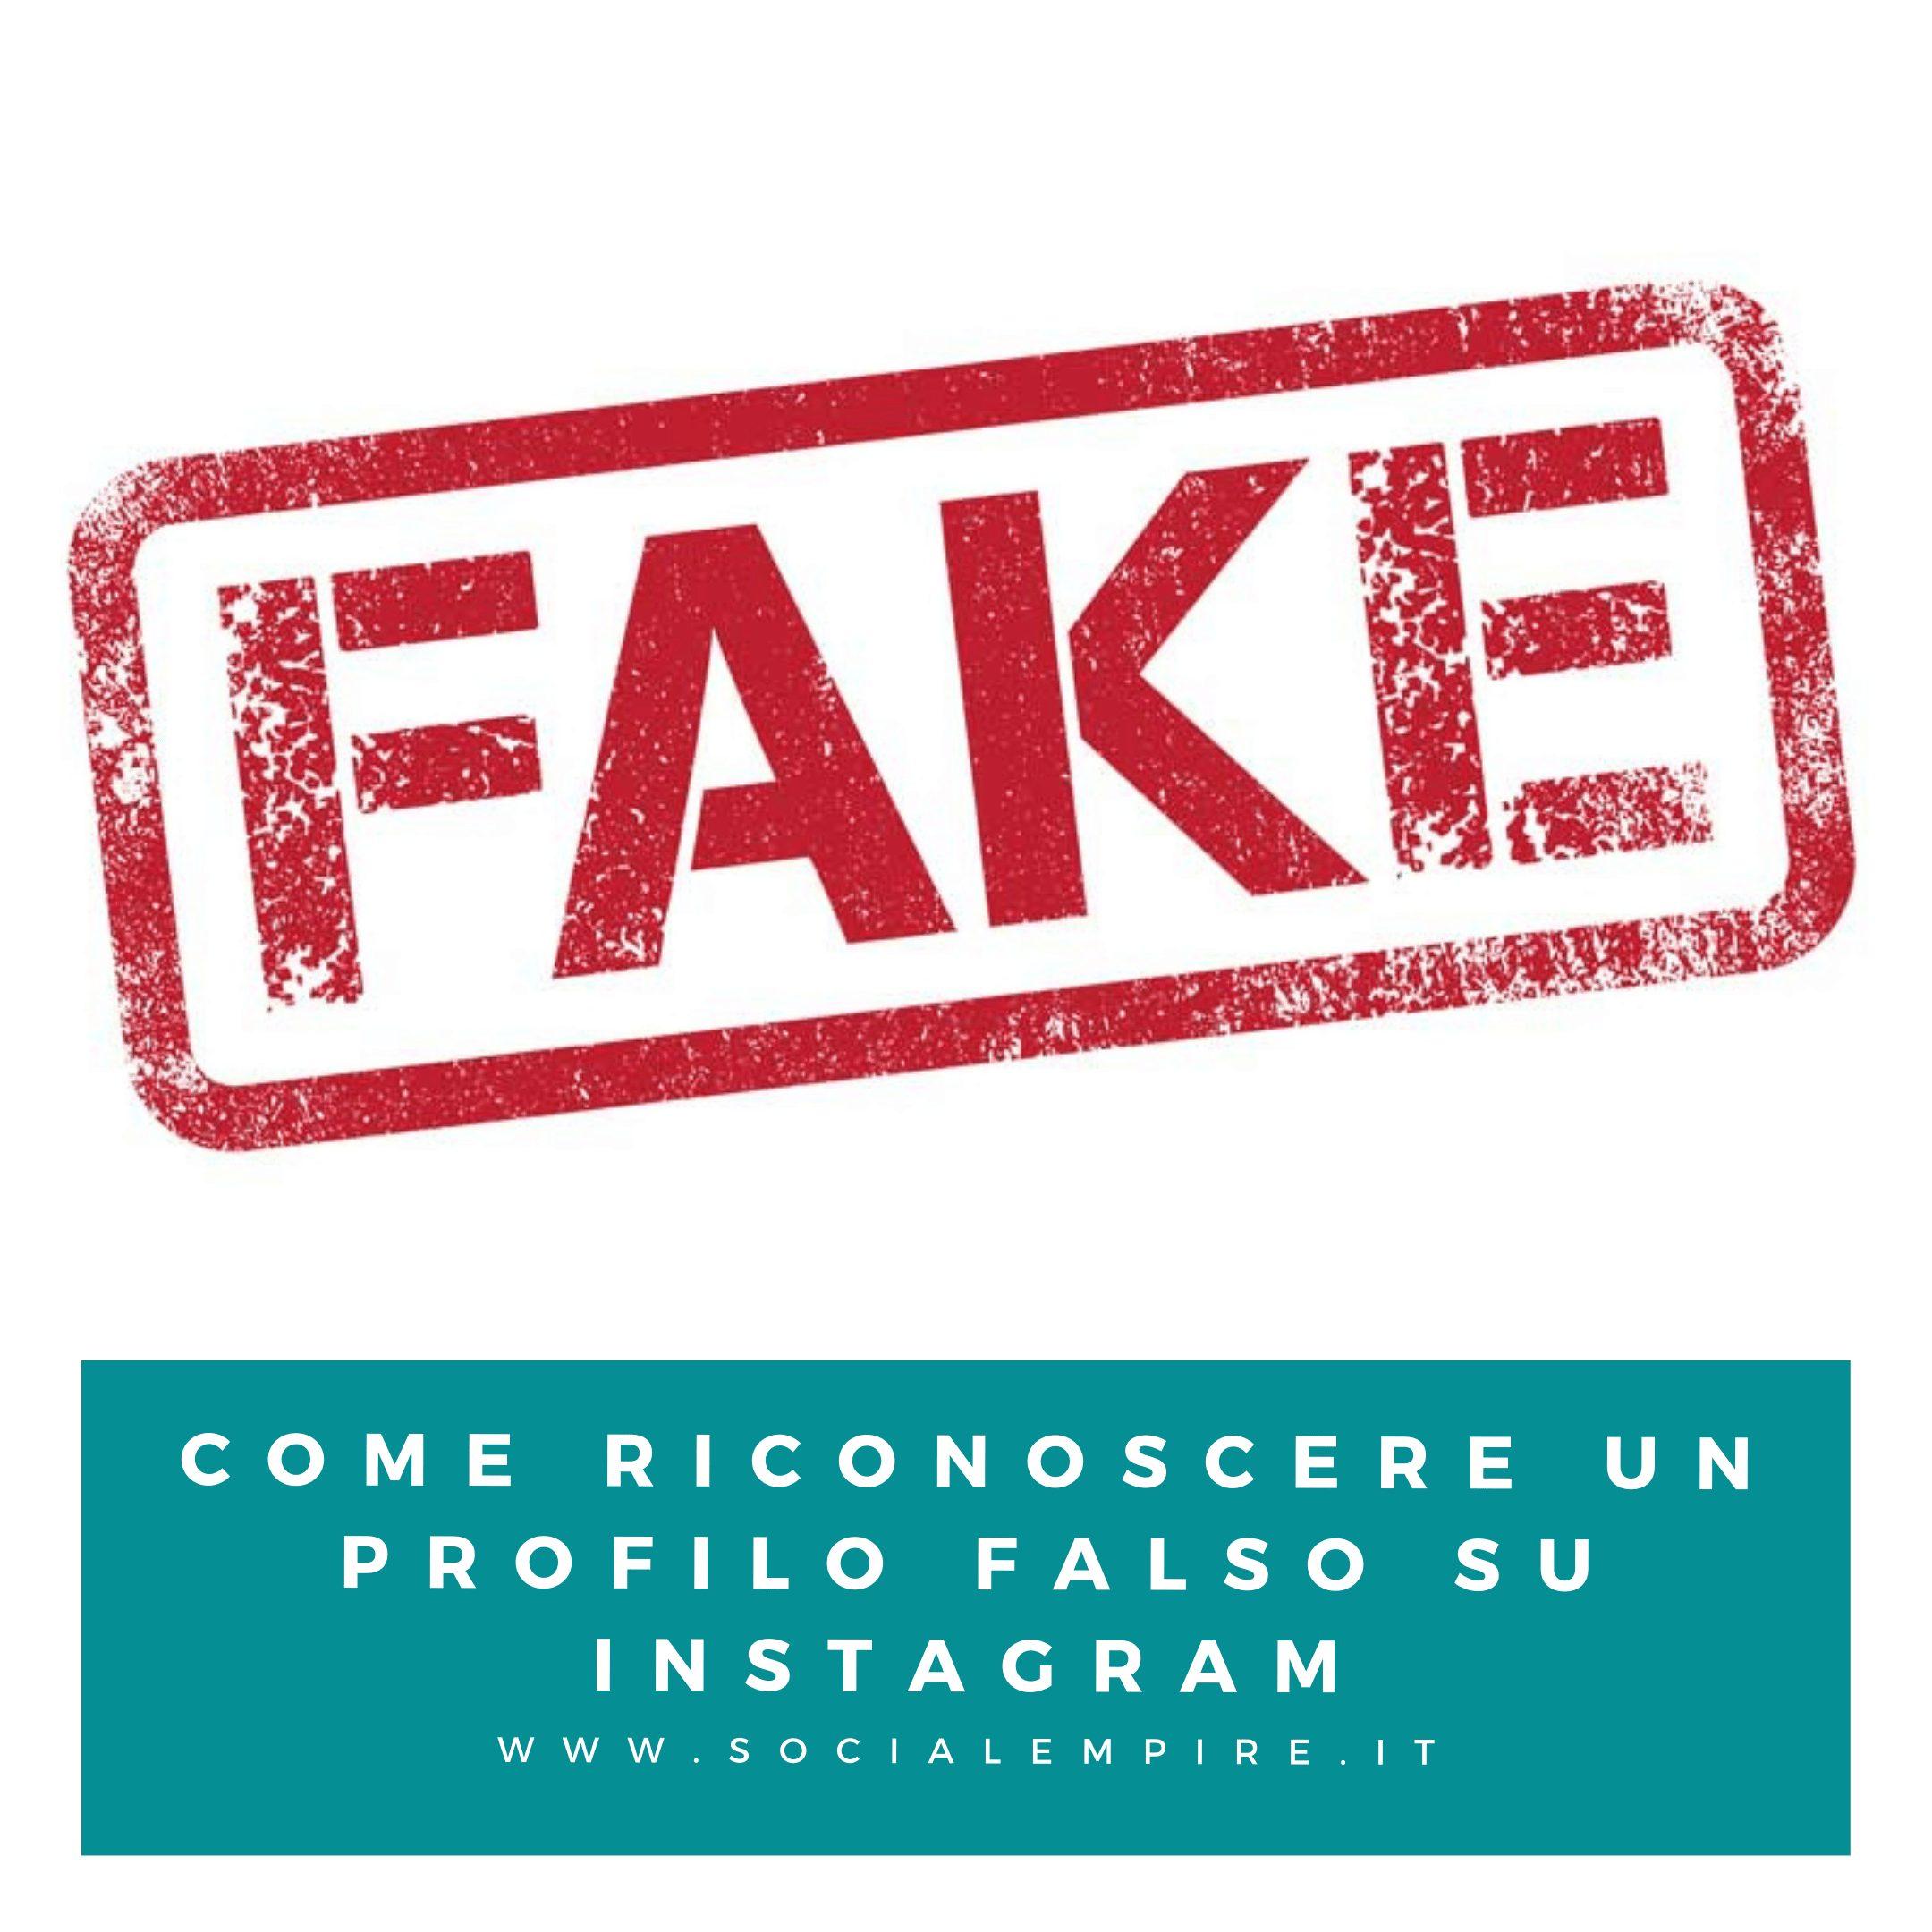 Come riconoscere un profilo fake su Instagram